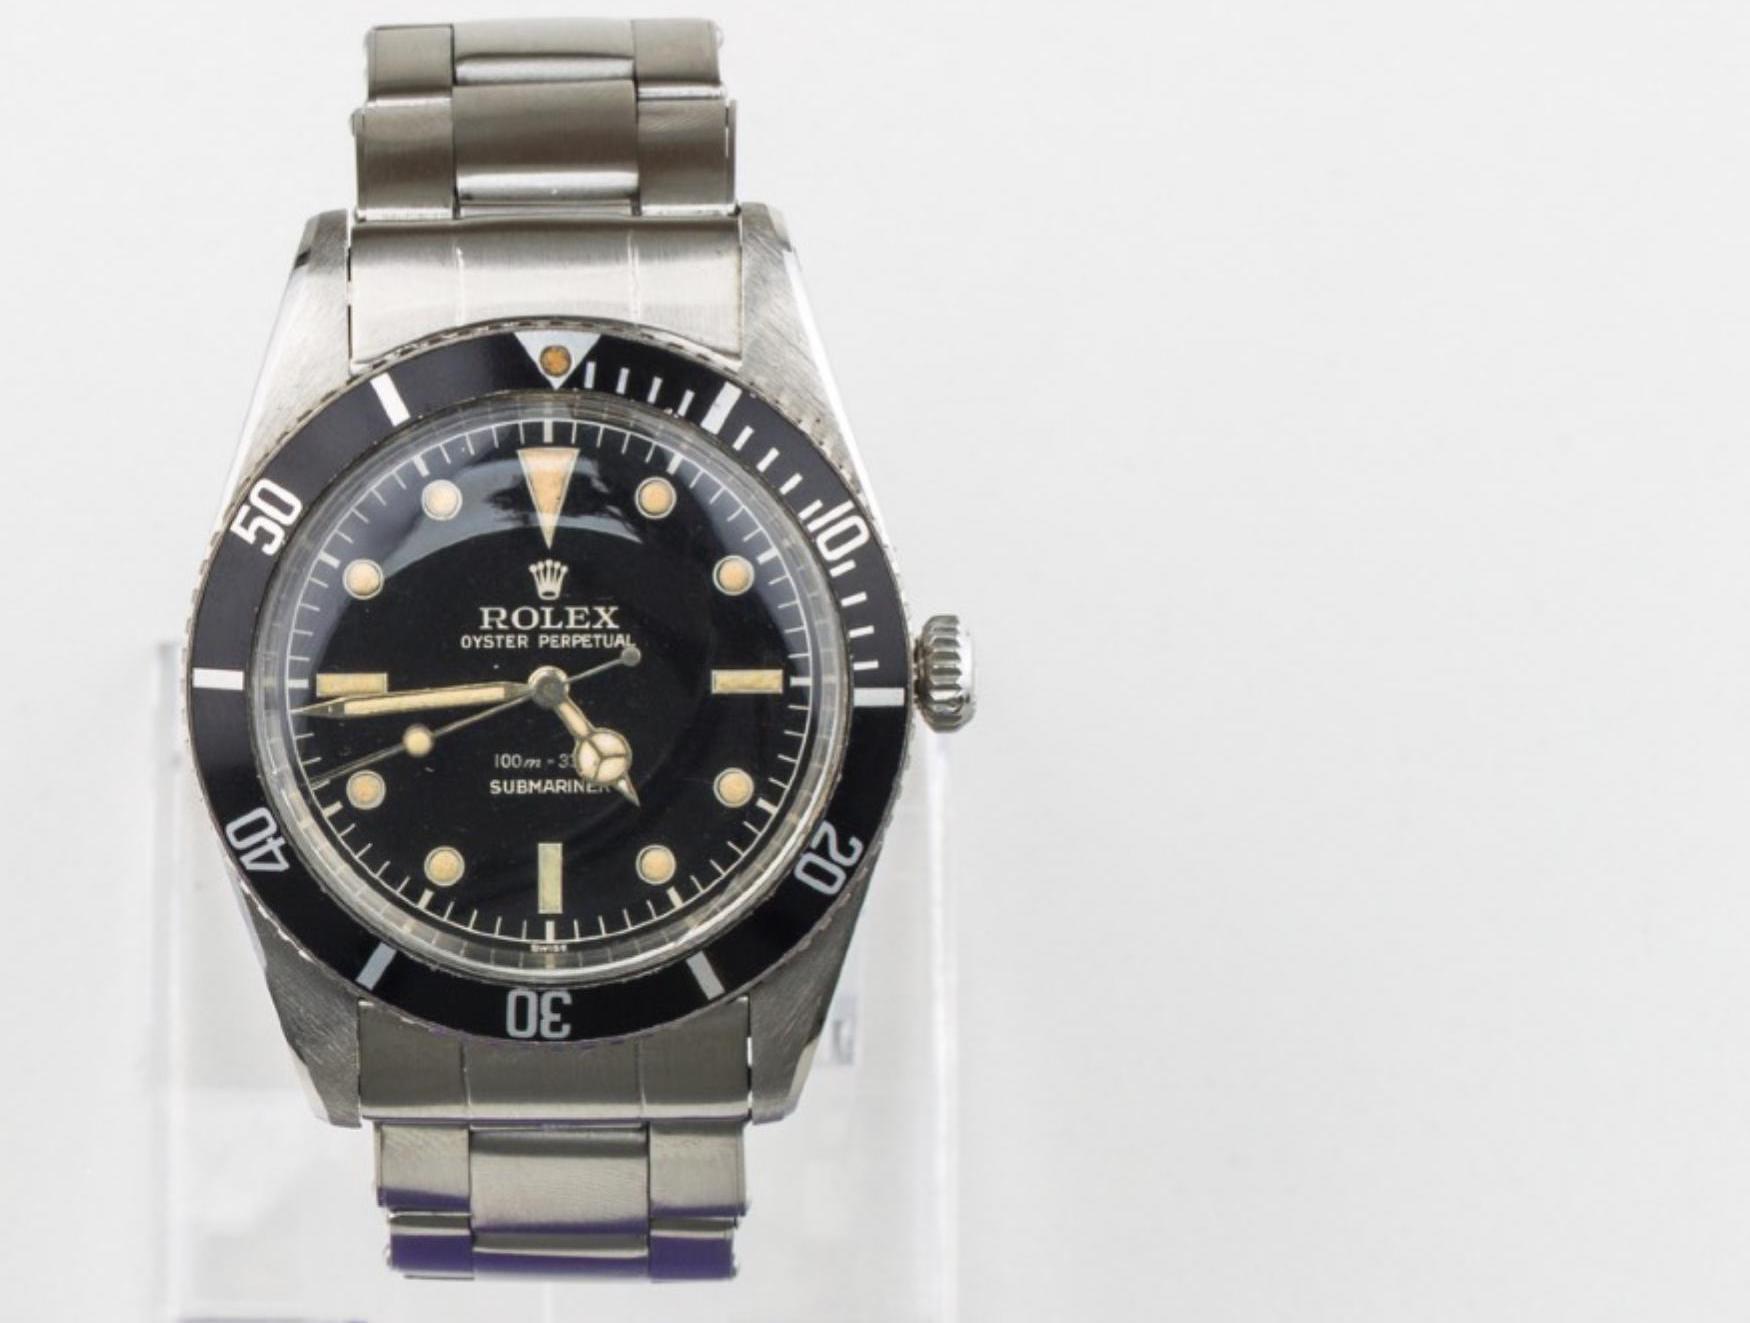 Lot 23 - RARE, Rolex Submariner 5508